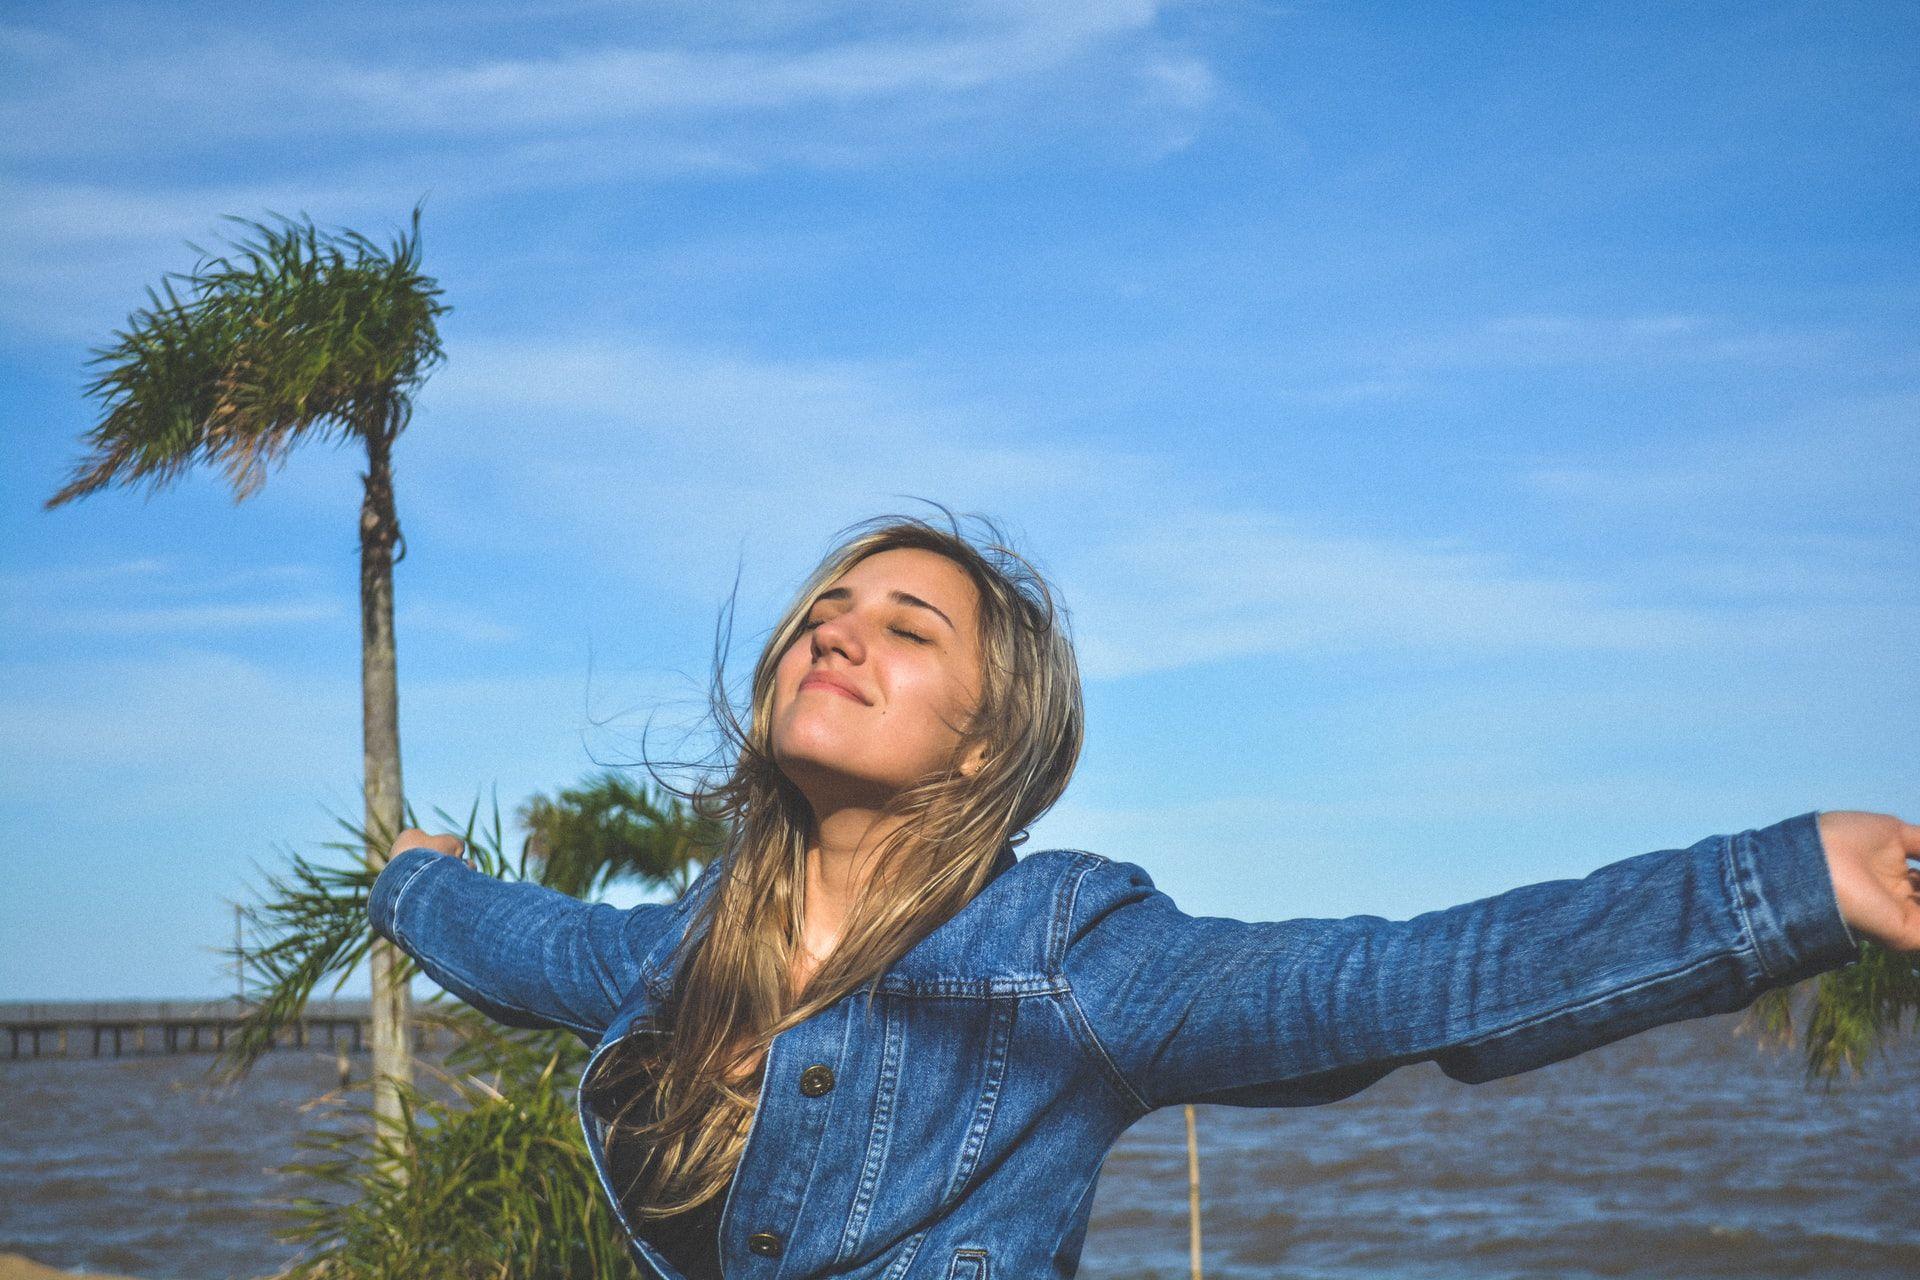 15 Cara Mudah dan Efektif untuk Memotivasi Diri